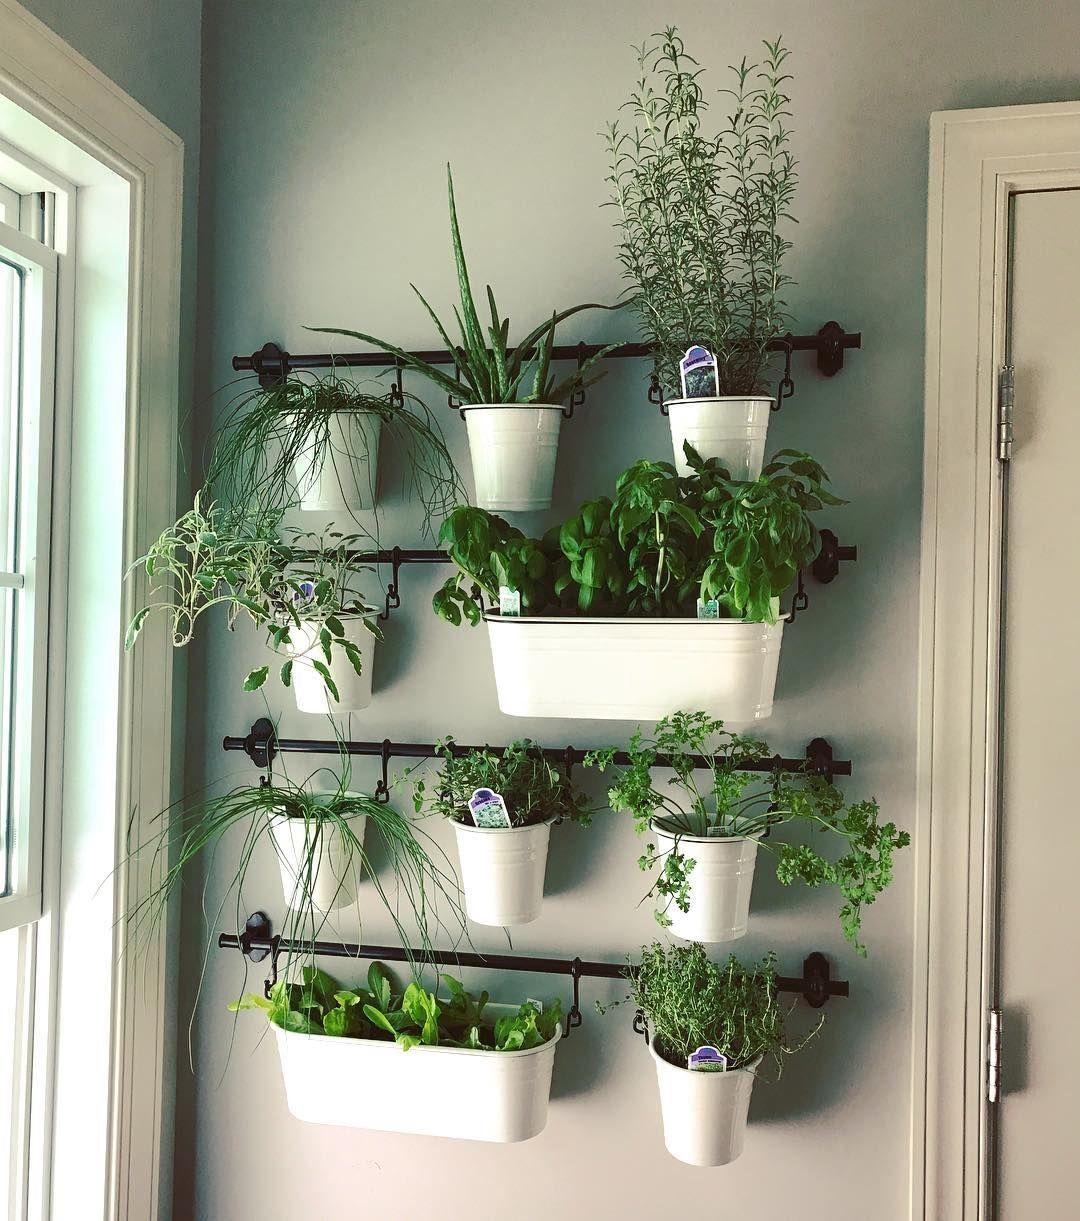 indoor herb gardens on instagram for the kitchen well good 1003 in 2020 indoor herb garden on outdoor kitchen herb garden id=69194